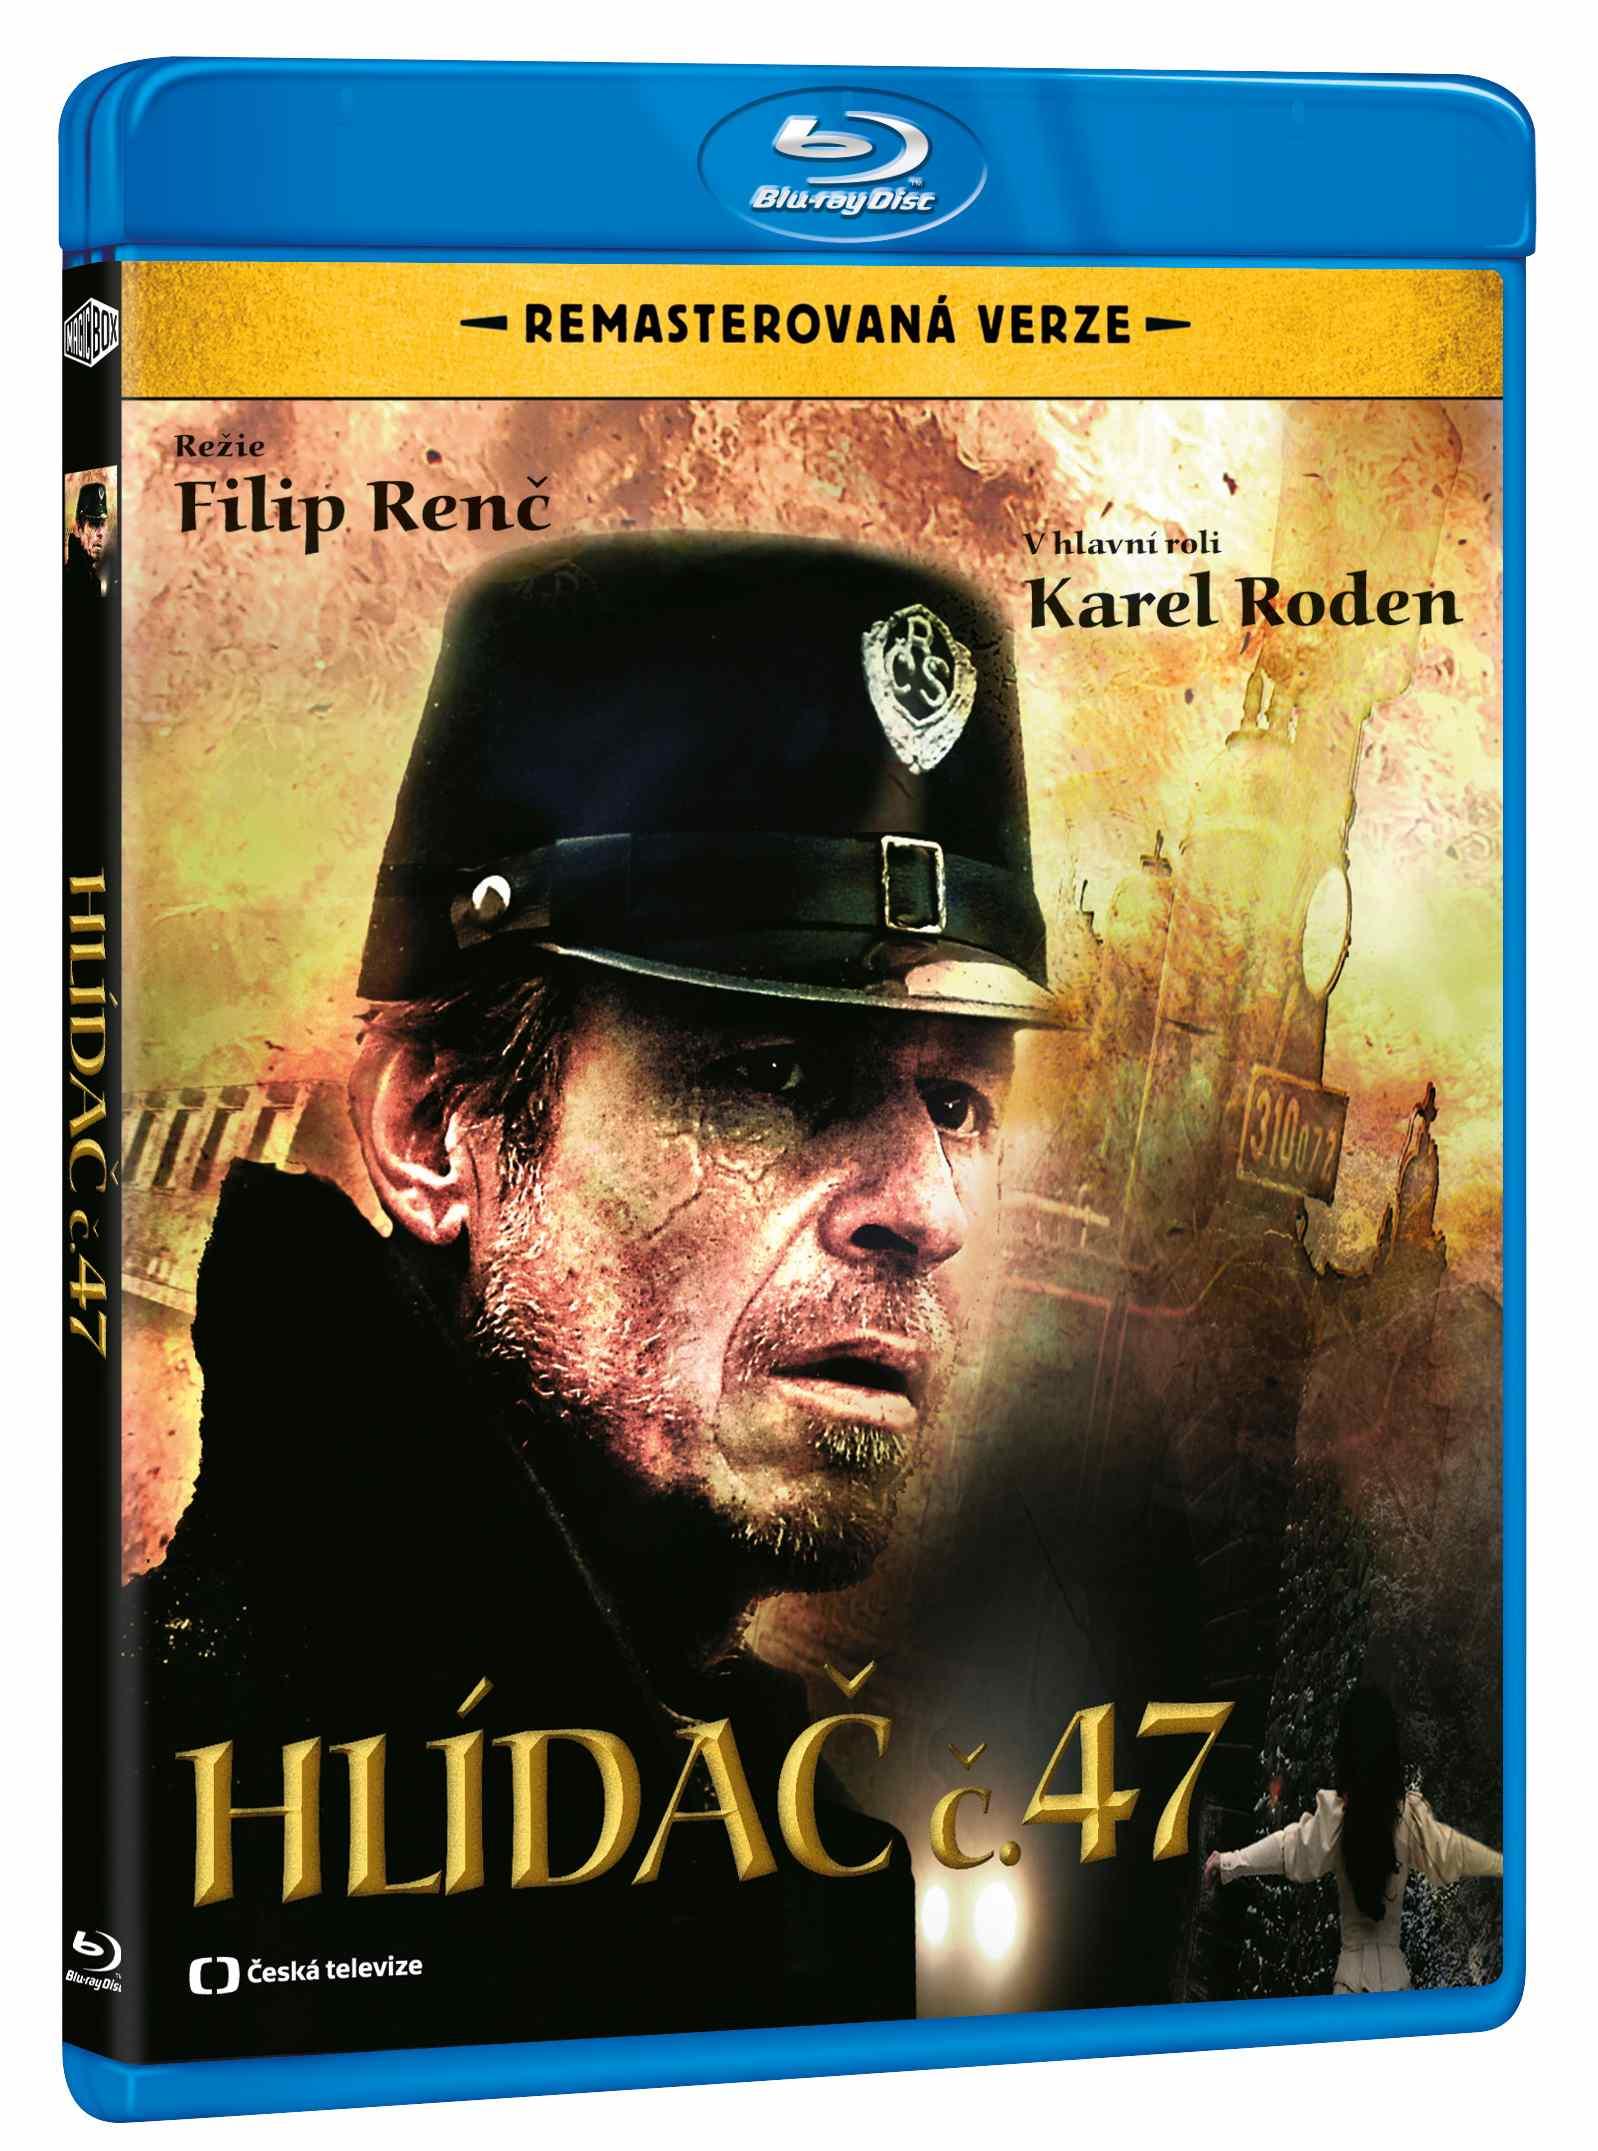 HLÍDAČ č. 47 (Remasterovaná verze) - Blu-ray